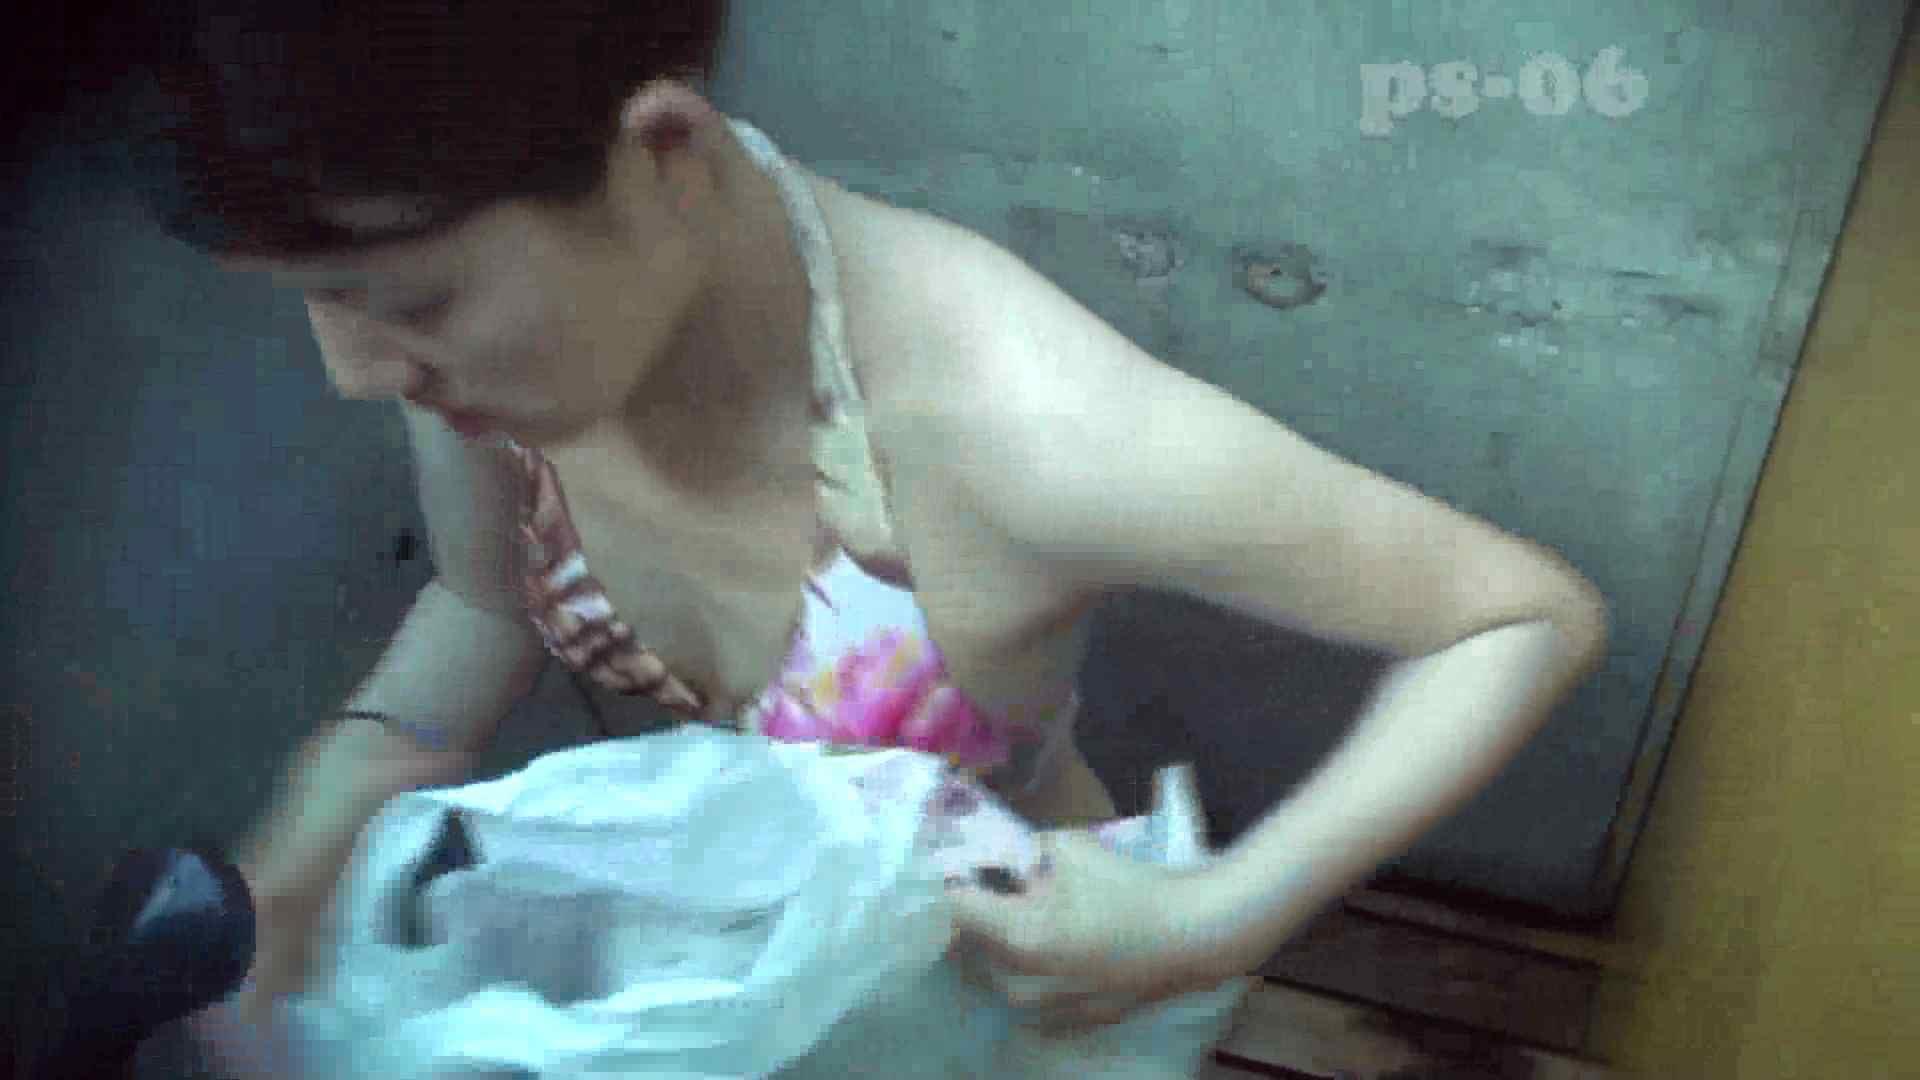 シャワールームは危険な香りVol.6(ハイビジョンサンプル版) 盛合せ  111PIX 29